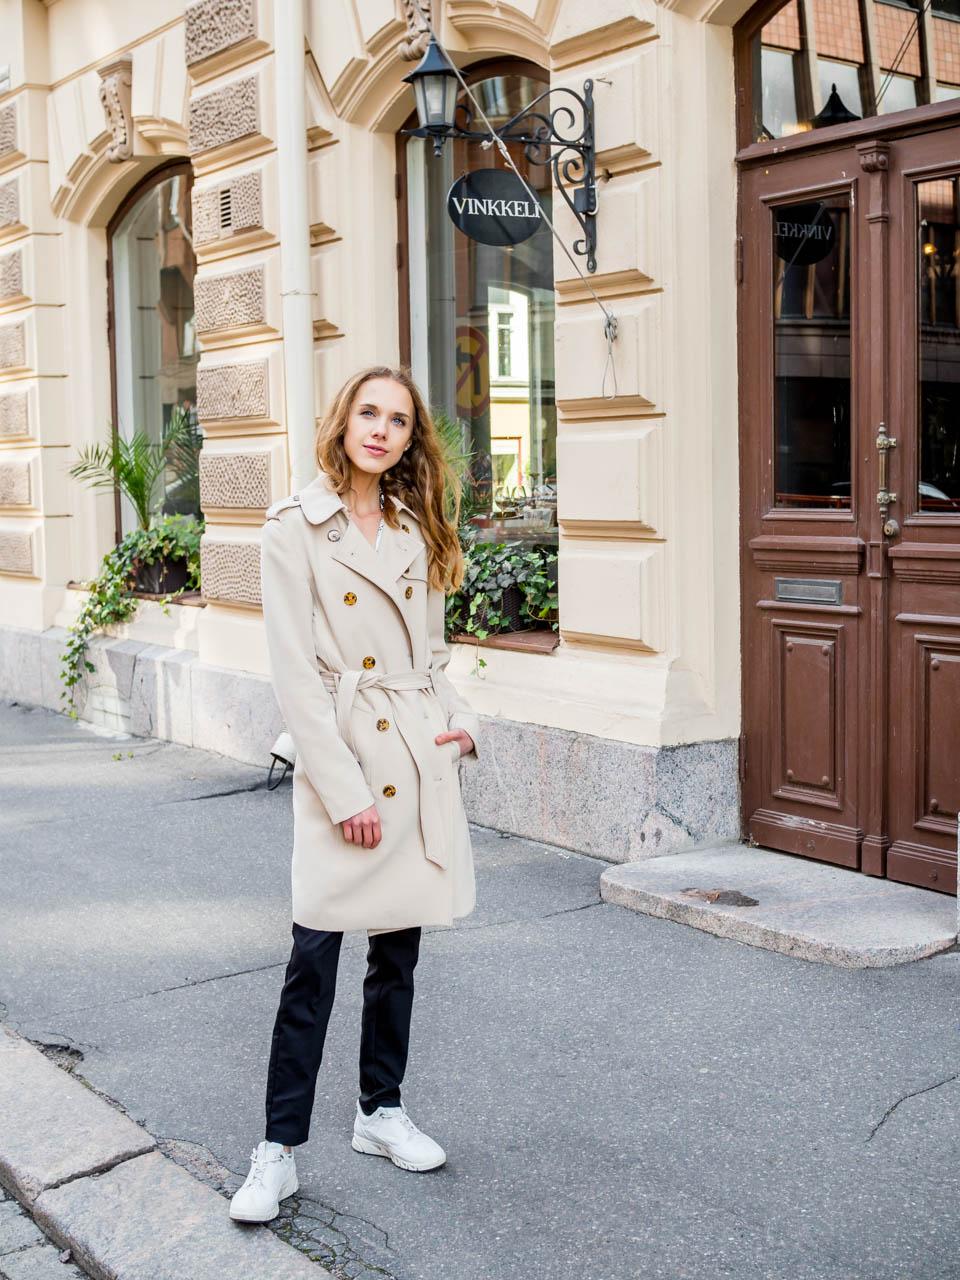 trench-coat-styling-tip-autumn-fashion-2019-kuinka-pukea-trenssi-takki-syksy-syysmuoti-2019